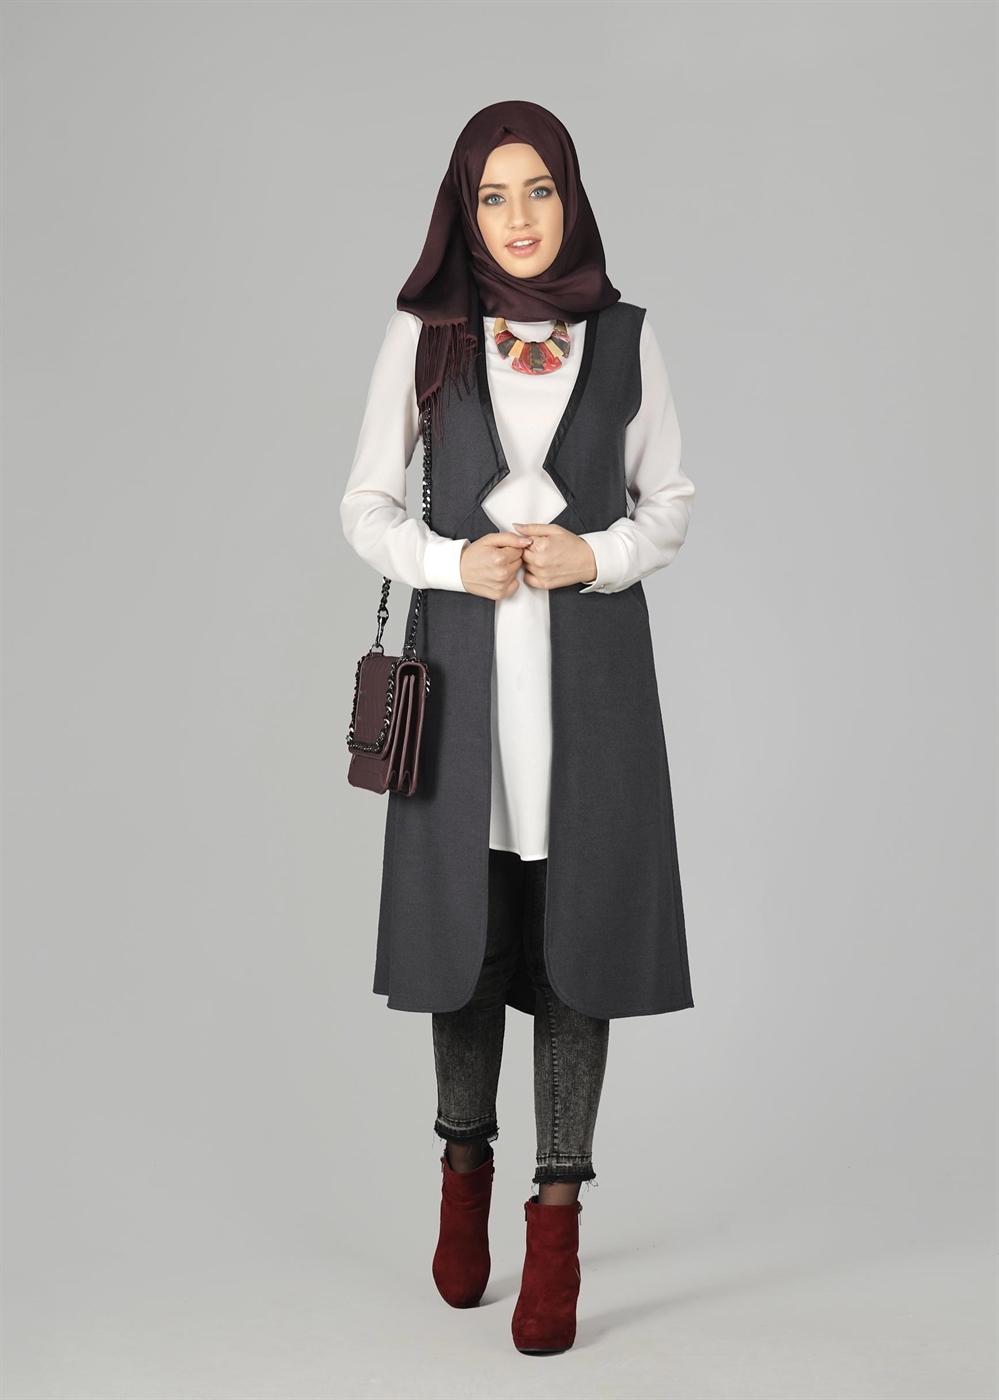 f4330427a4d86 Alvina Giyim Tesettür Elbise Modelleri 2017-2018   Moda Sitesi ...